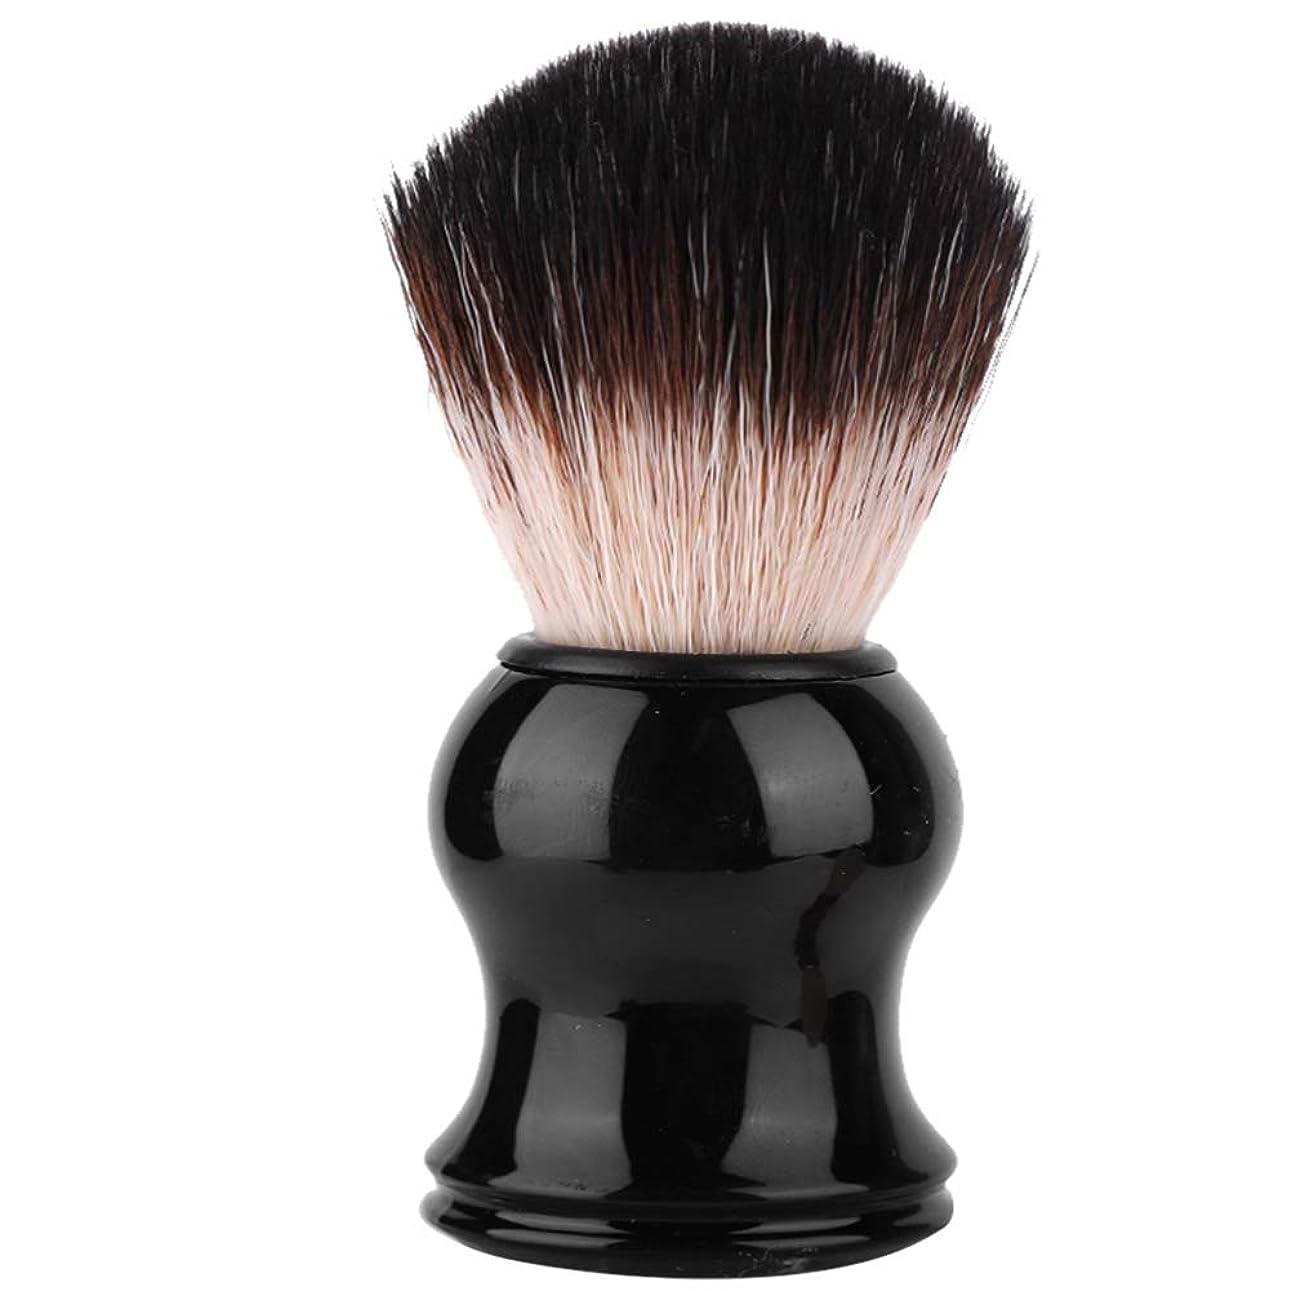 トーナメント値保育園ポータブルメンズソフトヘアシェービングブラシ絶妙なハンドル髭ブラシ理髪ツール個人用および業務用シェービングに最適(3#)